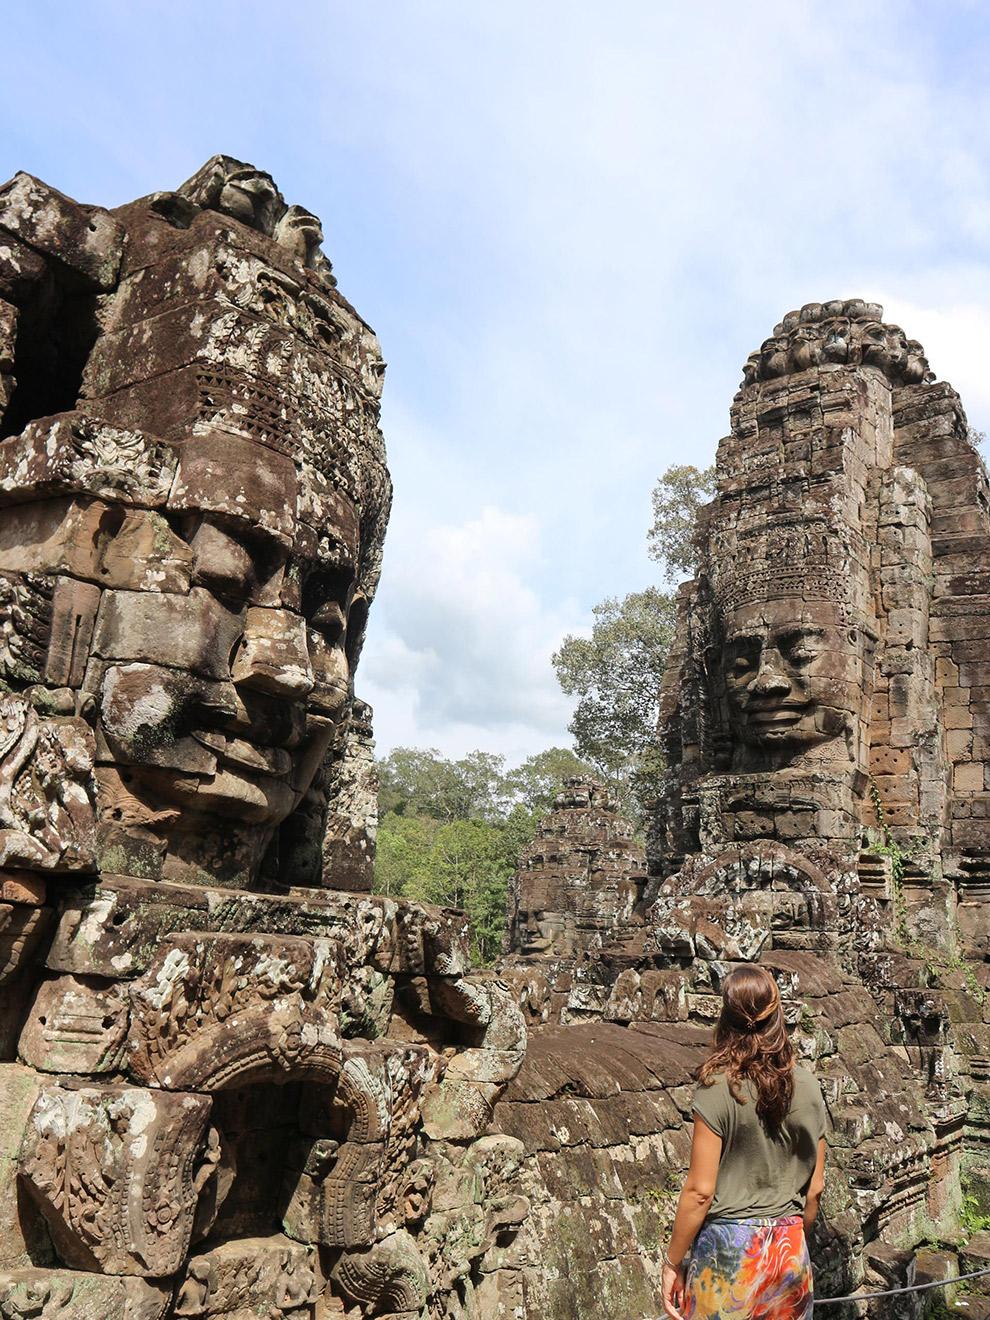 De vele gezichten van de Tempels in Angkor Wat, Cambodja